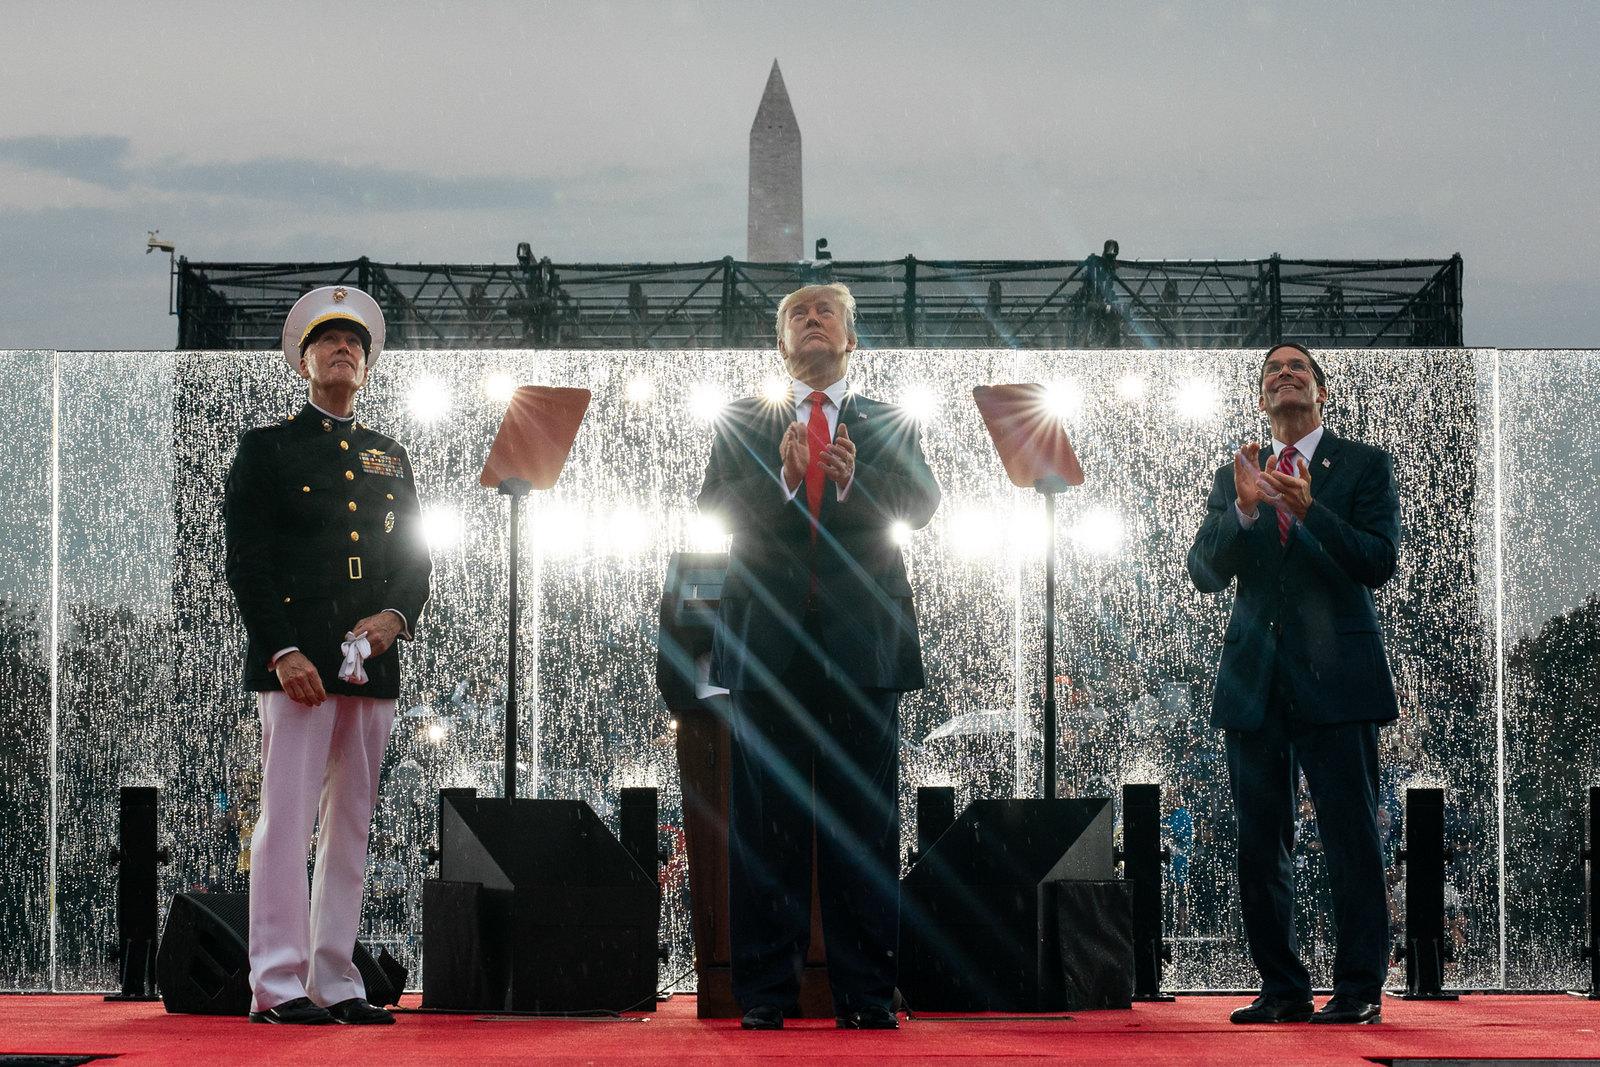 Trump celebrando el 4 de julio en Washington. Foto: The White House / Flickr